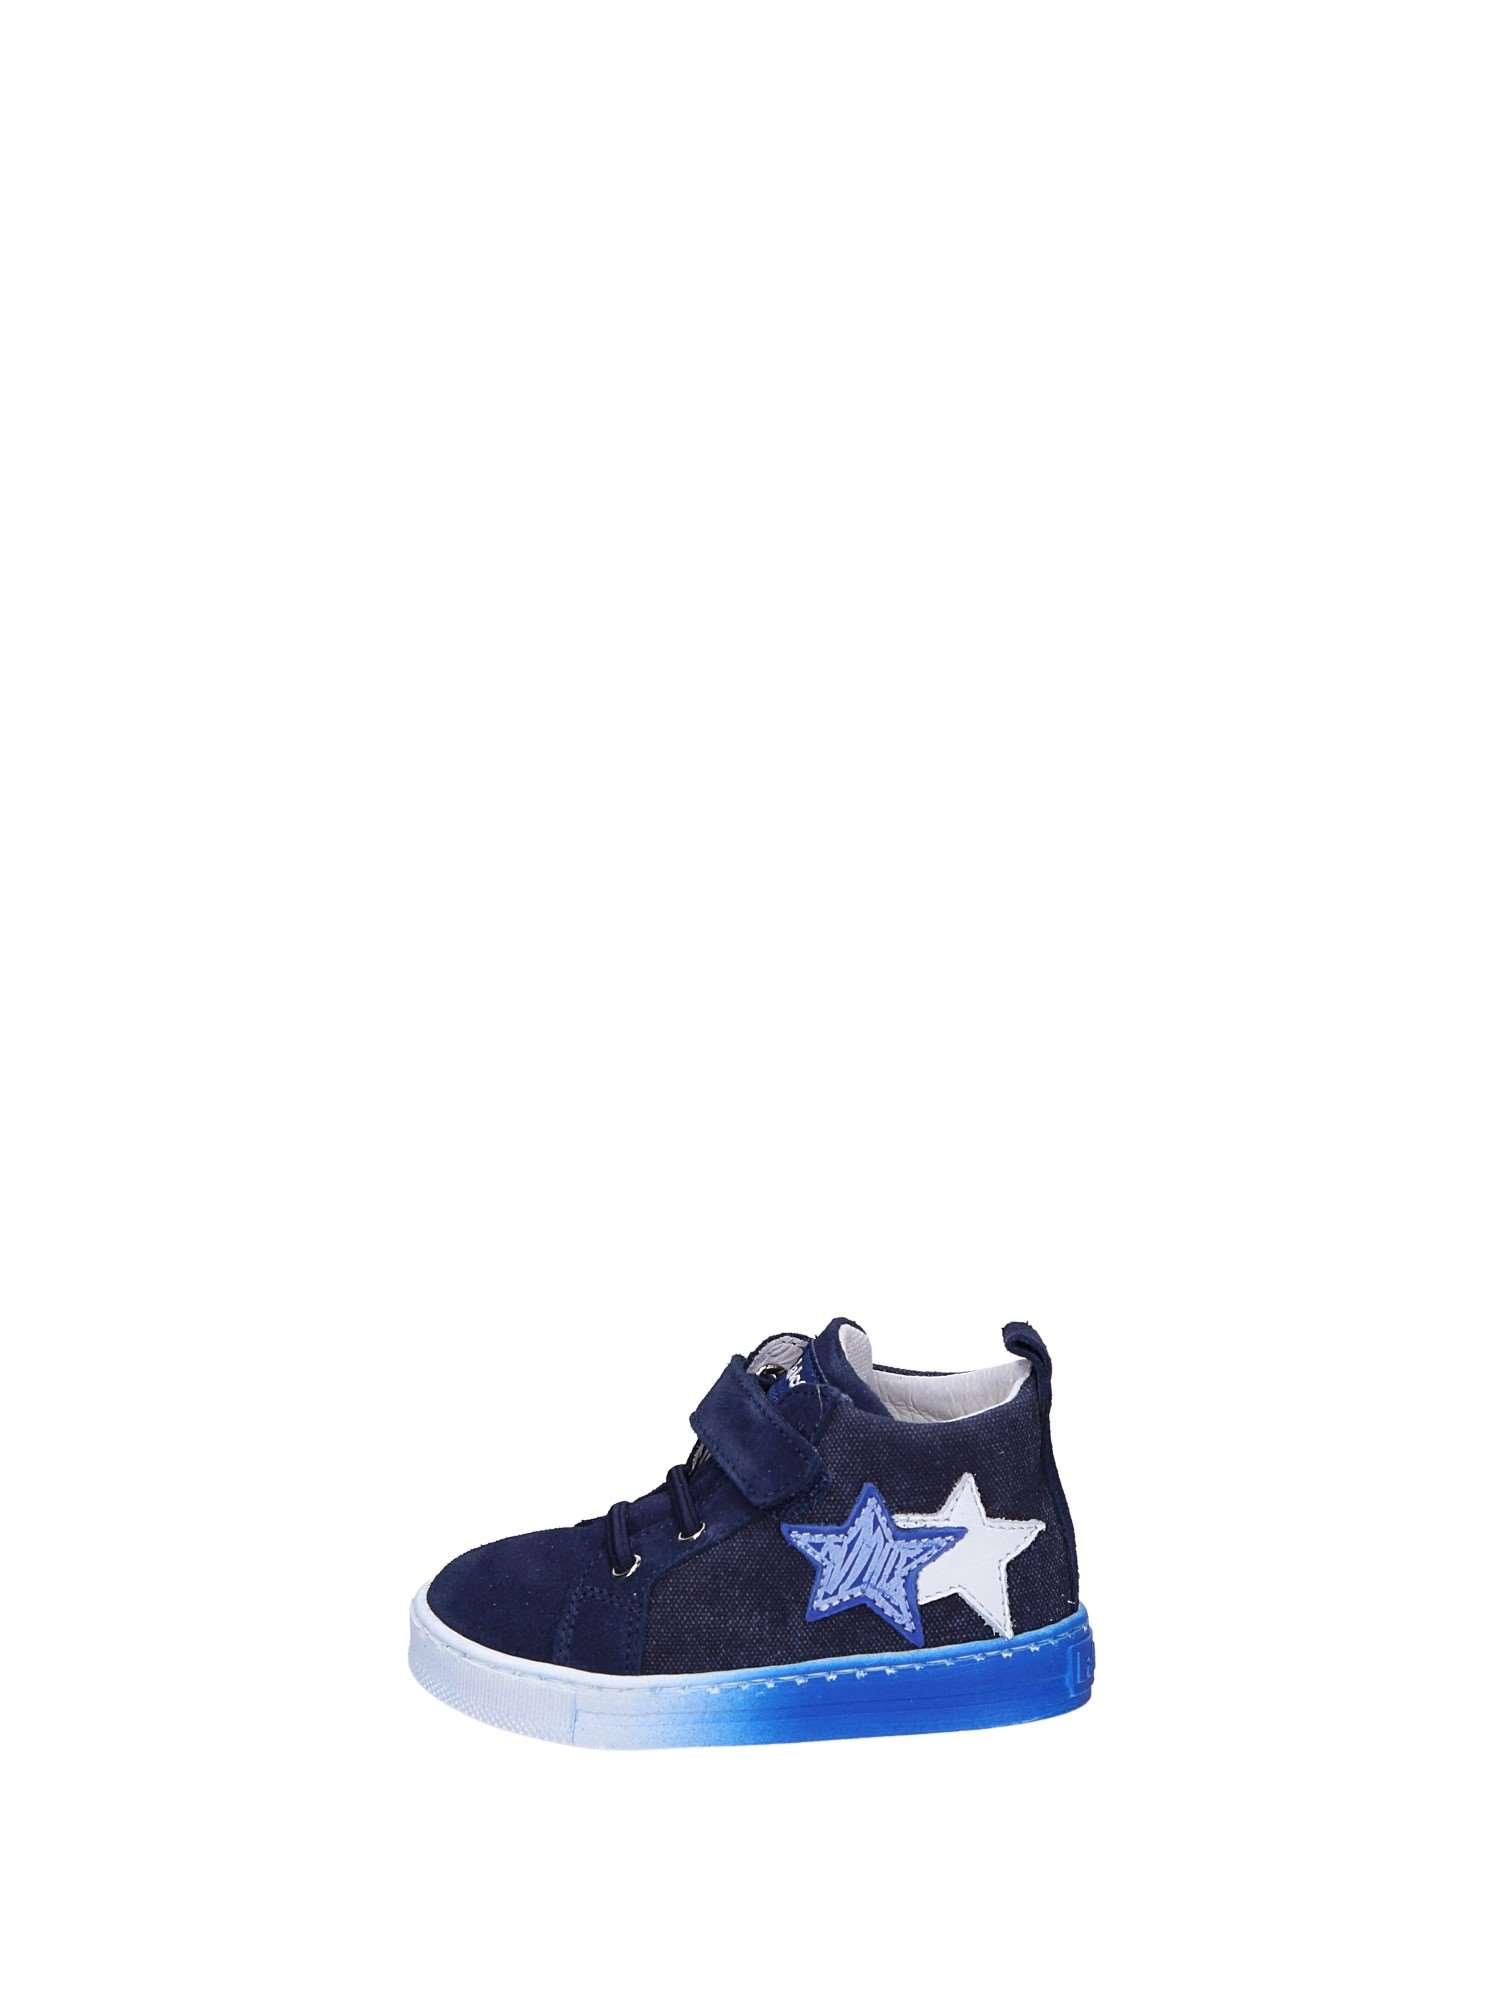 Naturino FALCOTTO STELLAR Blu Scarpe Bambino Sneakers a615f11e78e